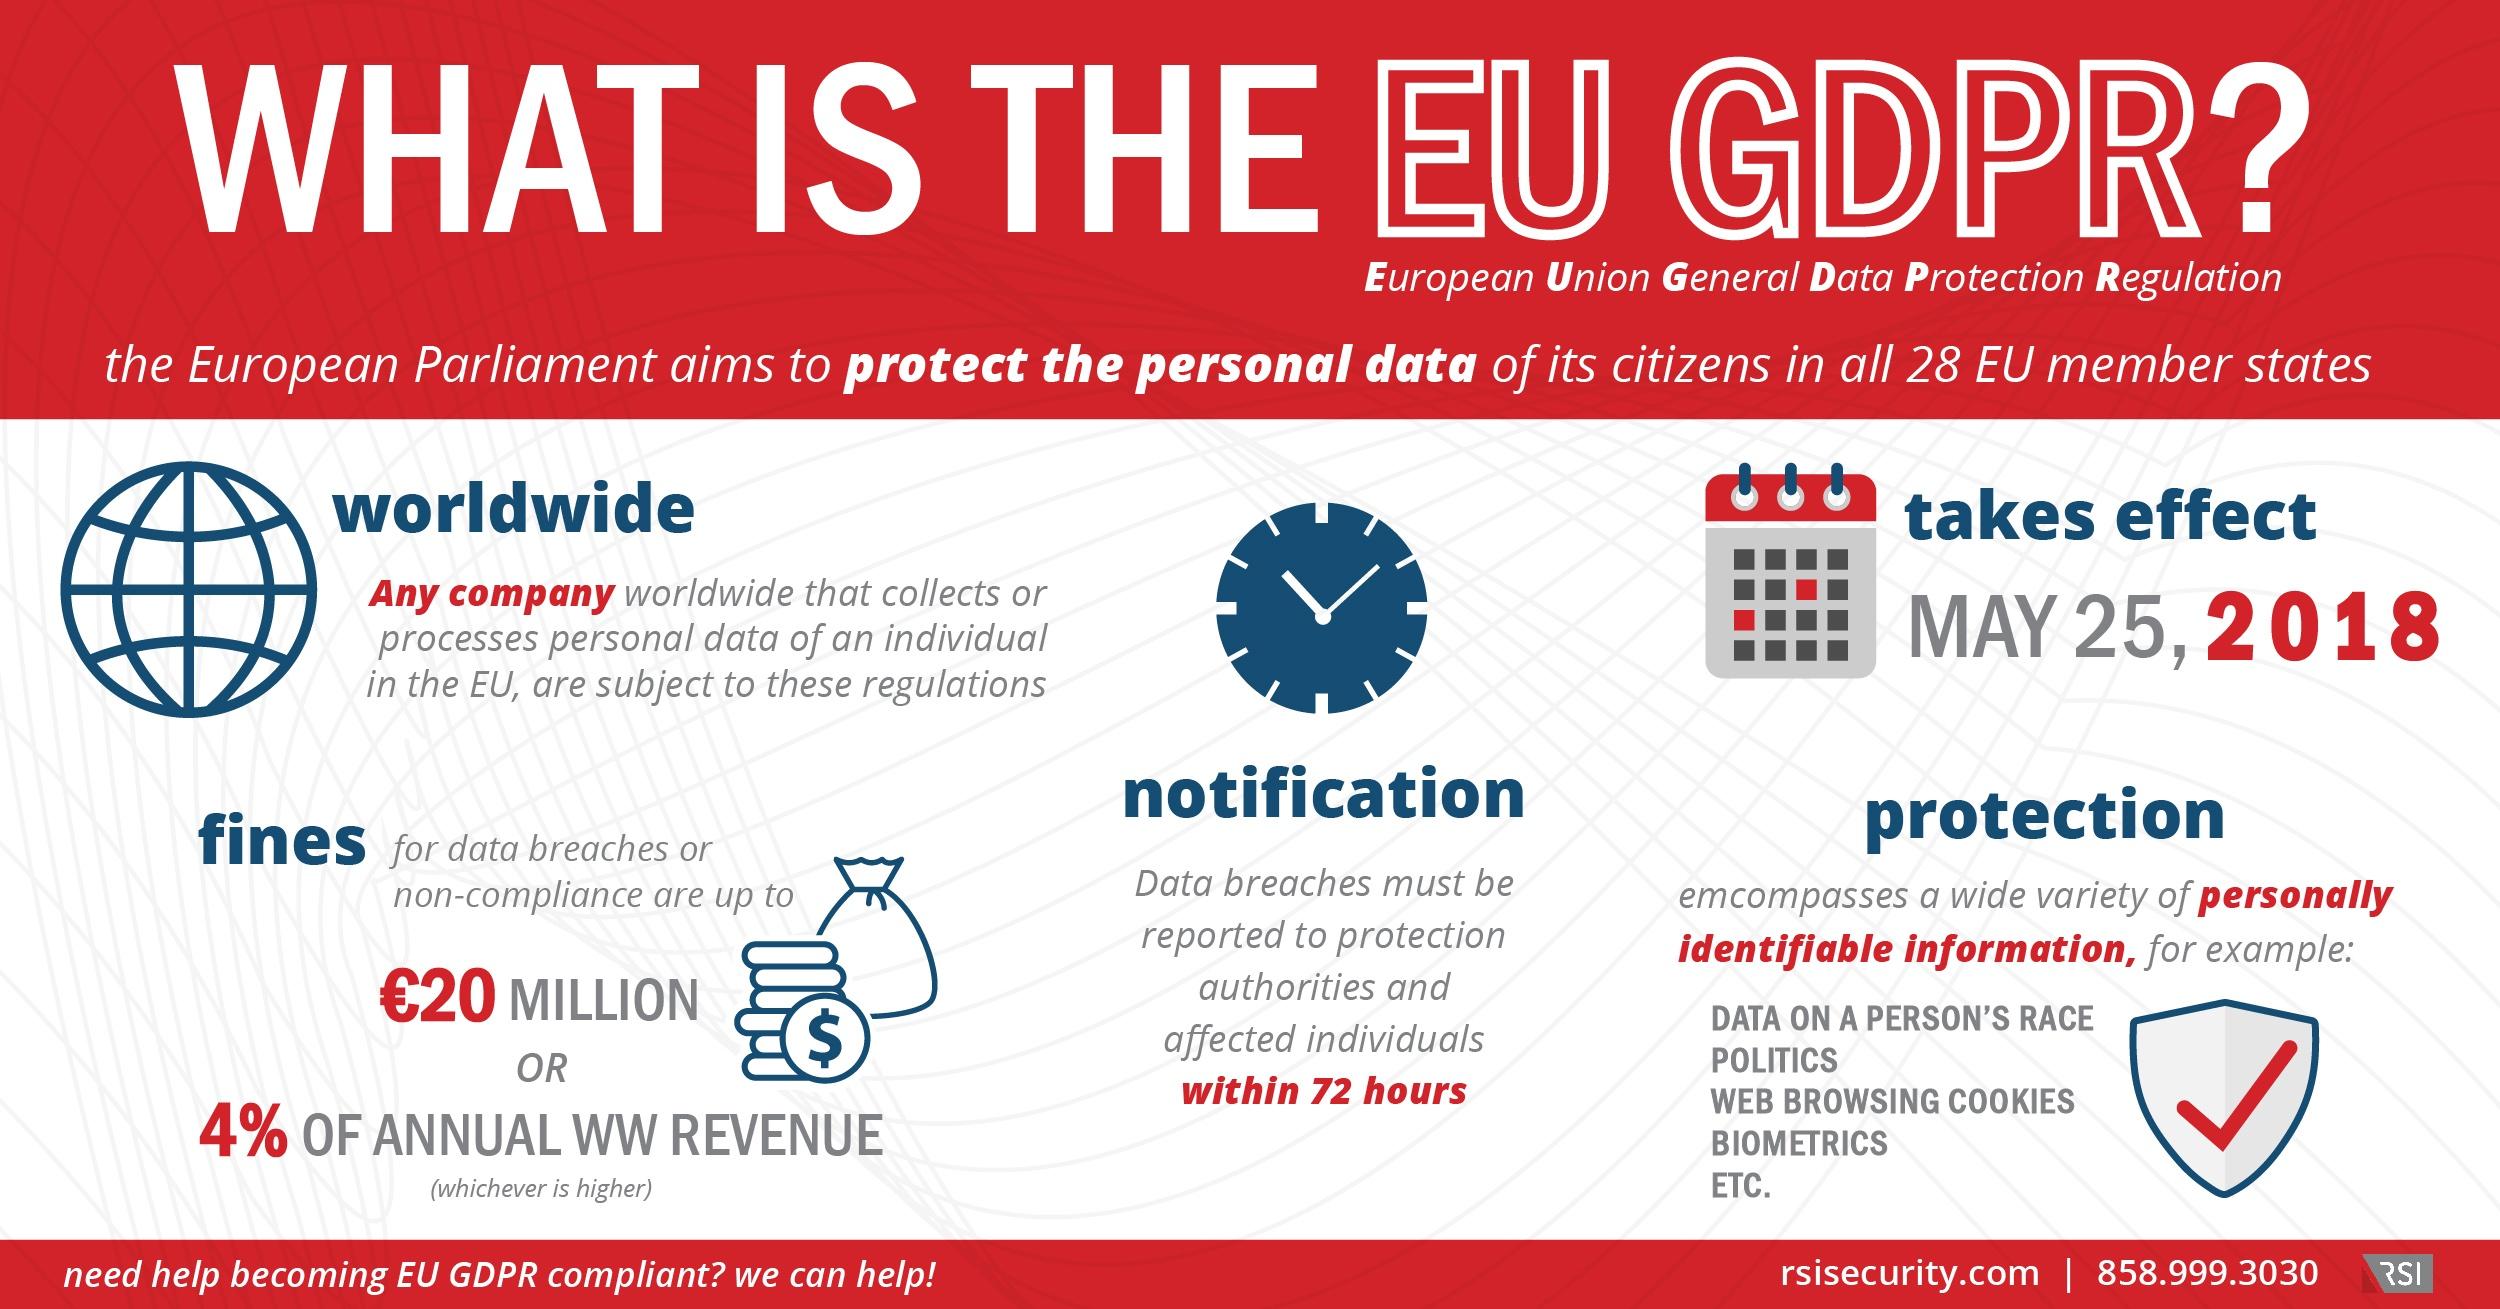 EU GDPR Infographic